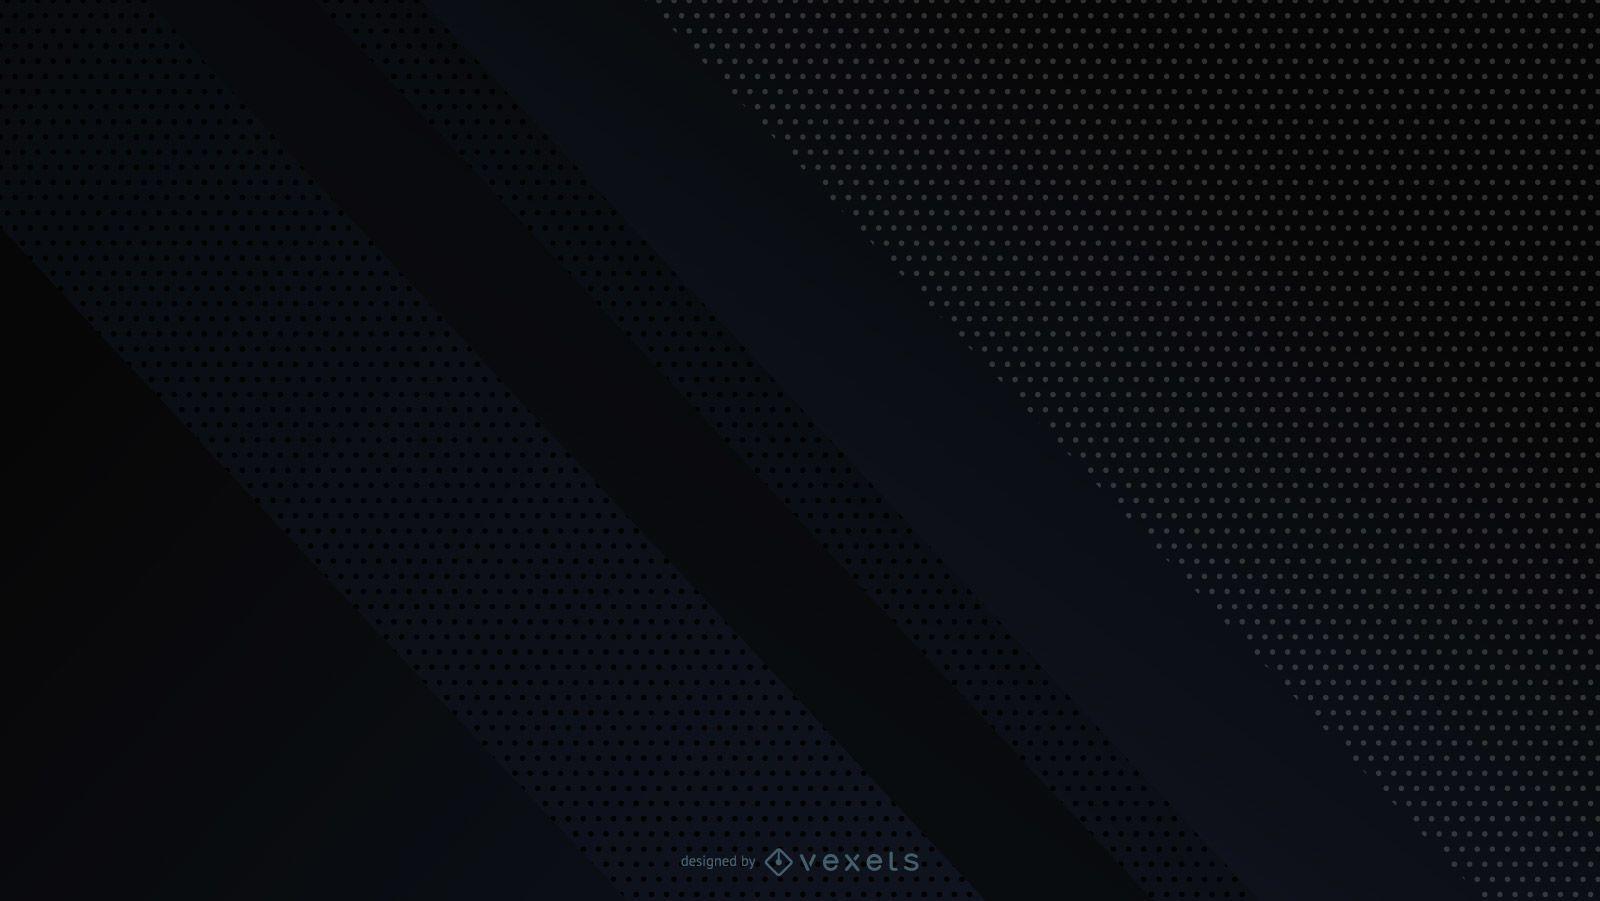 Diseño geométrico abstracto fondo negro